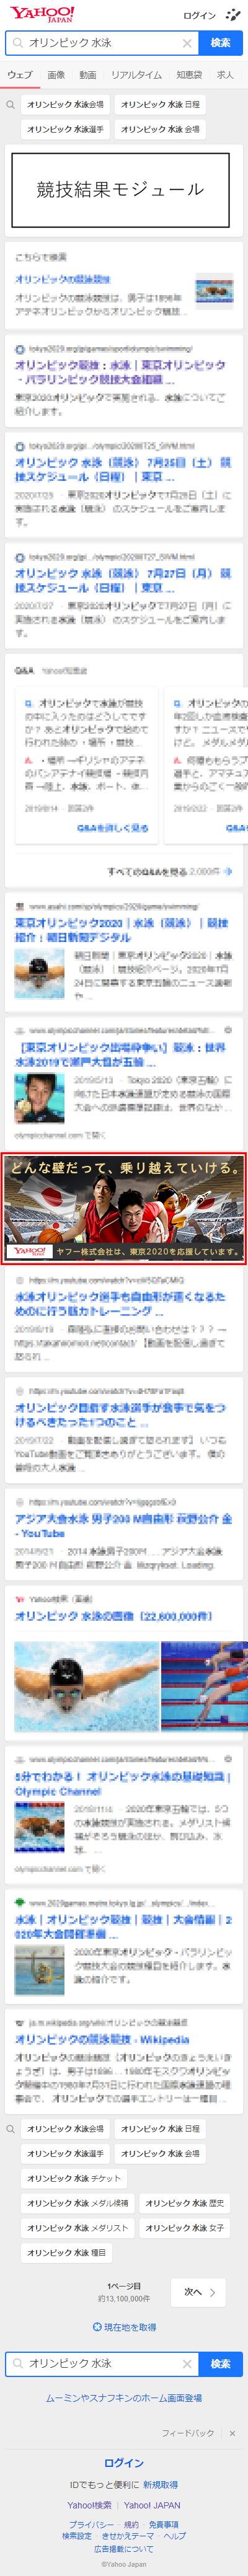 検索連動型広告(スマートフォン)